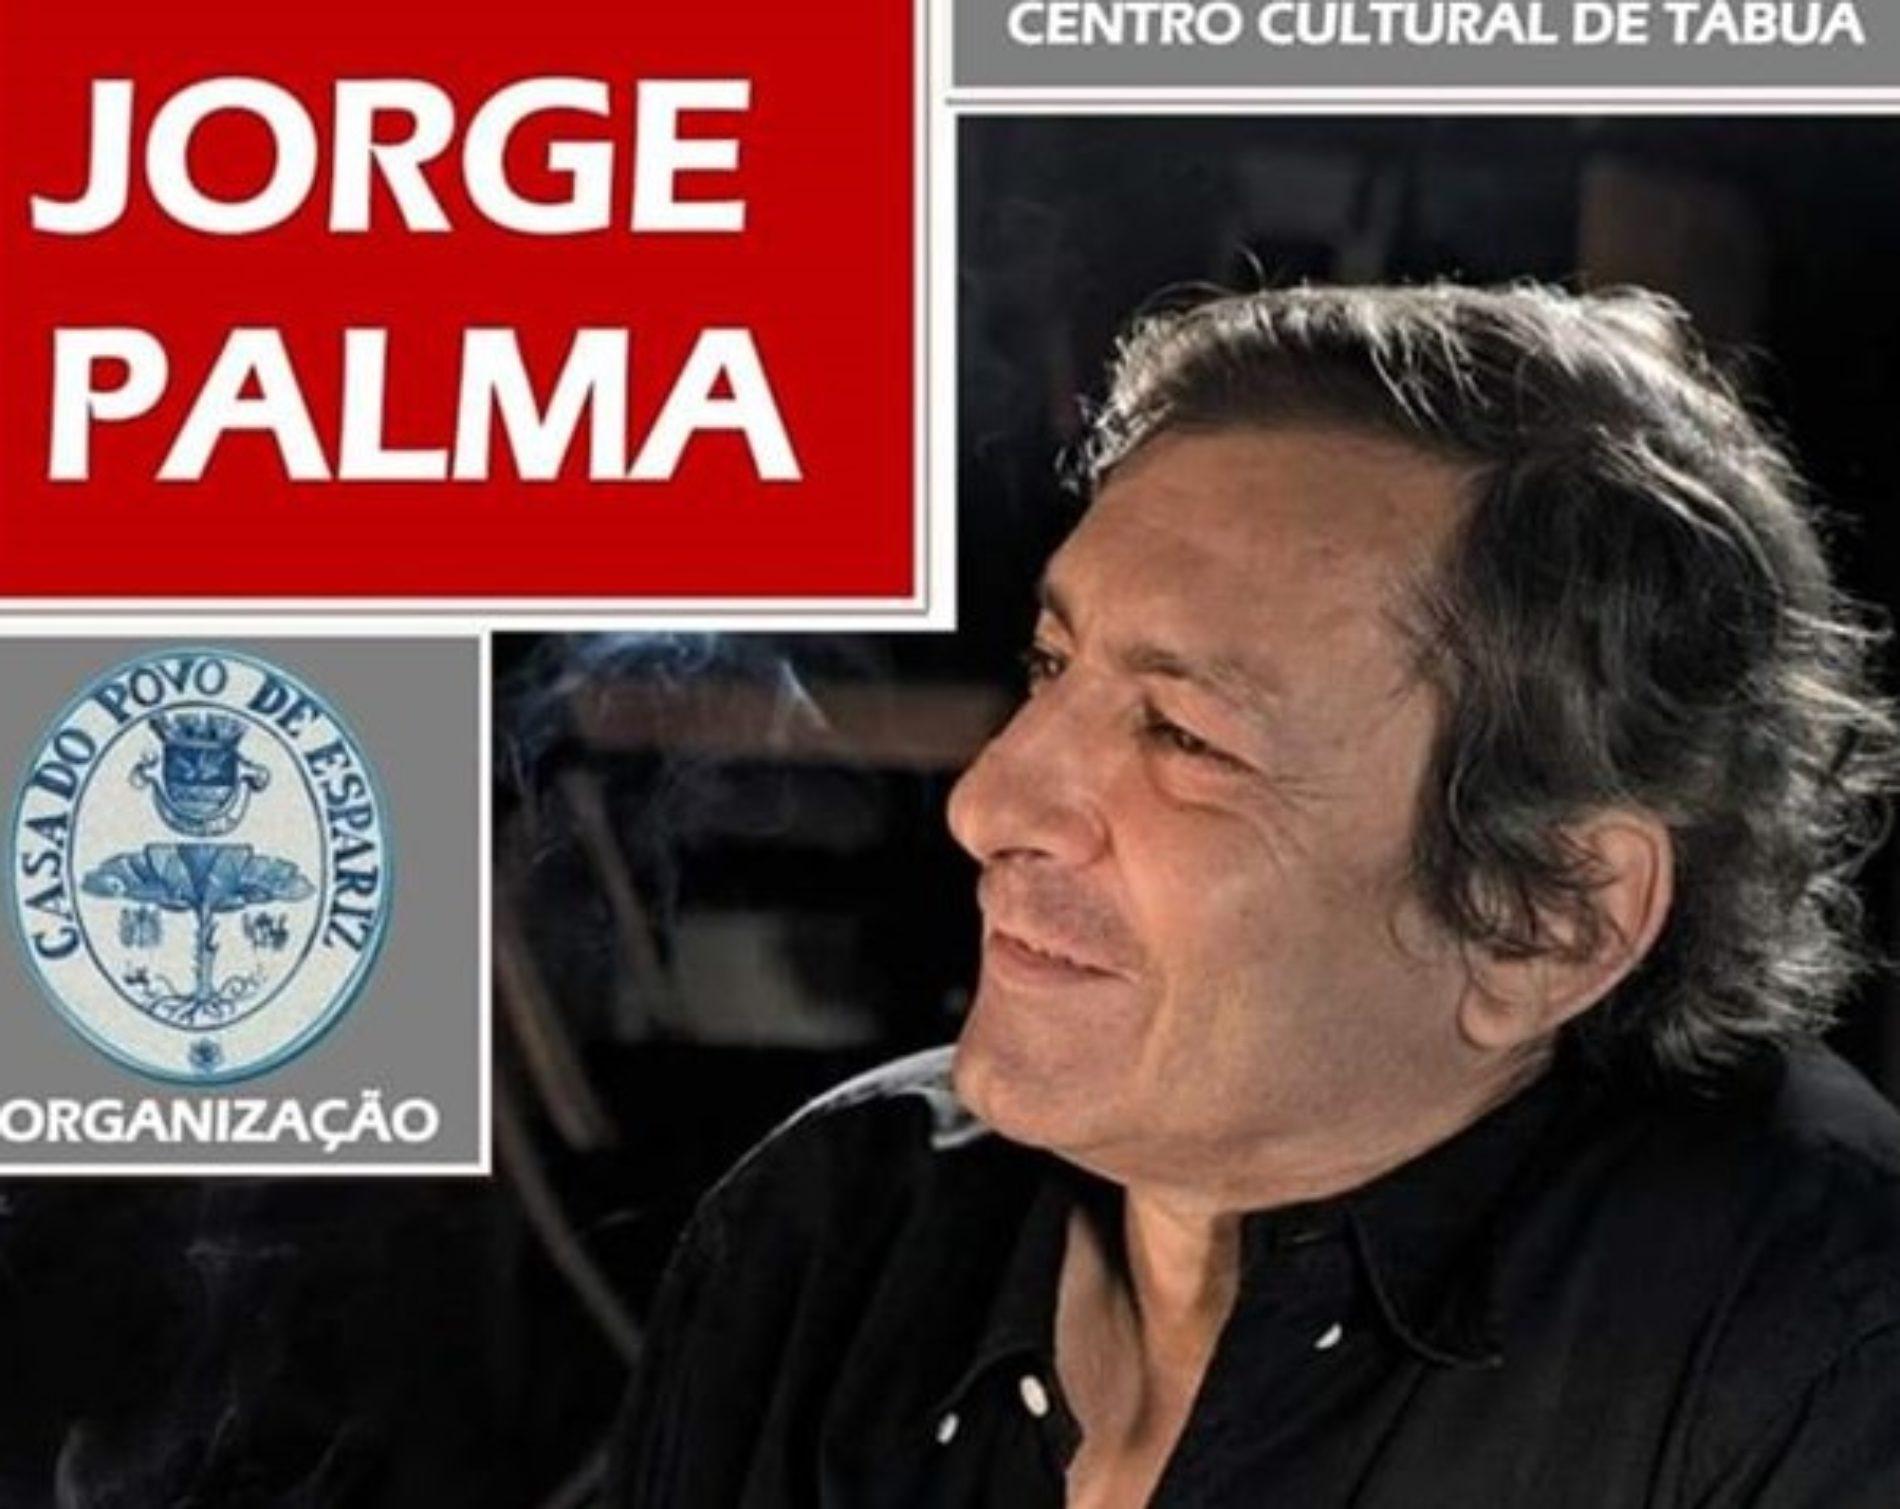 Casa do Povo de Espariz realiza II Concerto Solidário com Jorge Palma